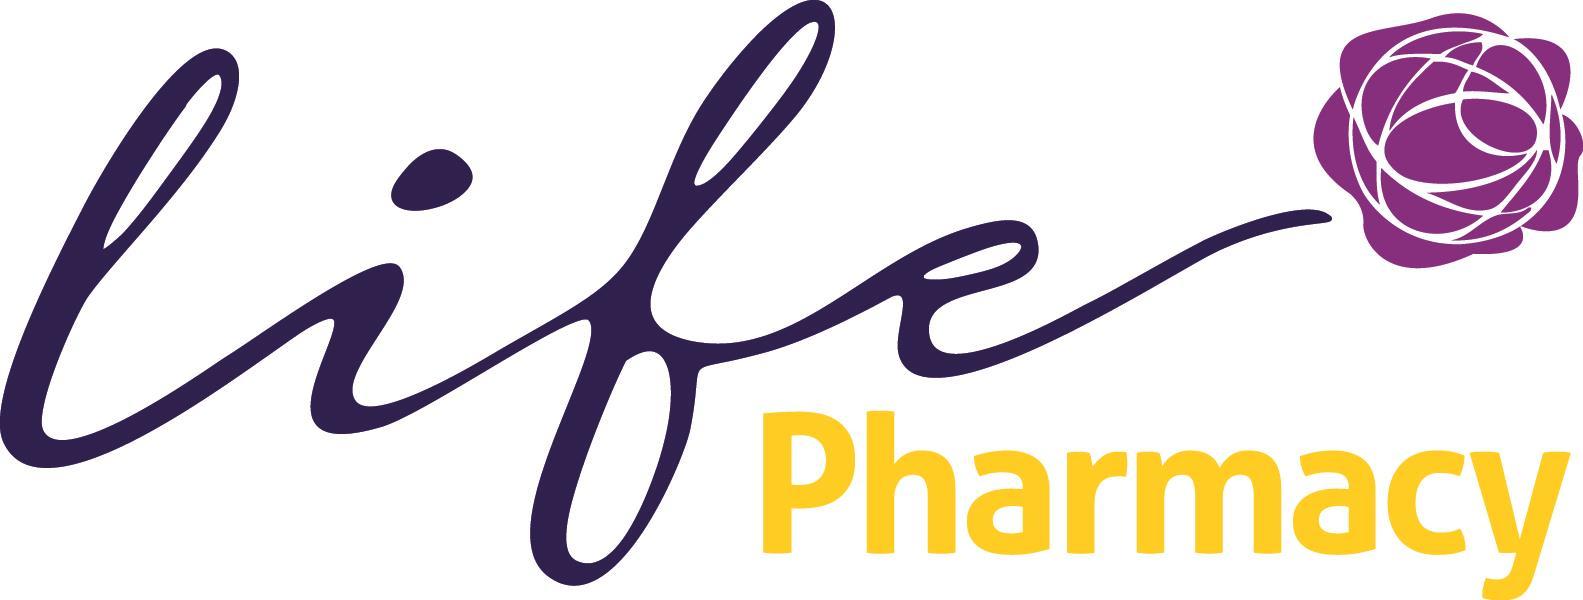 Life Pharmacy Hornby